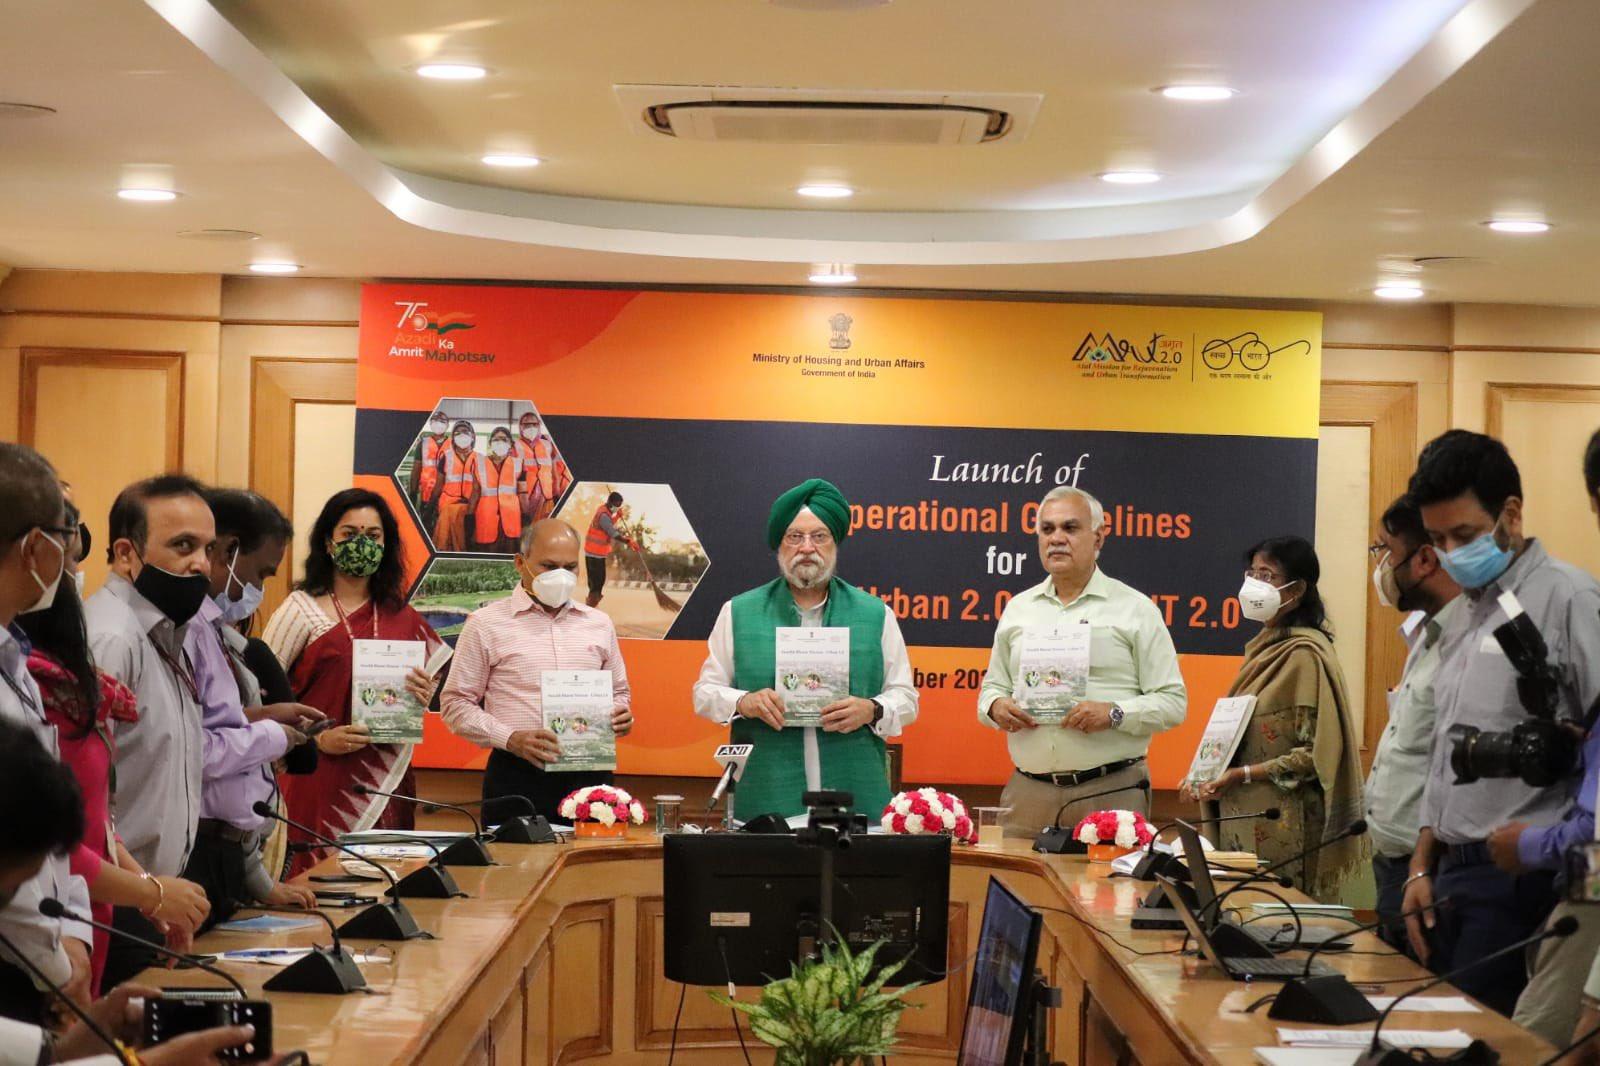 सरकार ने स्वच्छ भारत मिशन- अर्बन 2.0 और अमृत 2.0 के लिए परिचालन दिशानिर्देश जारी किए